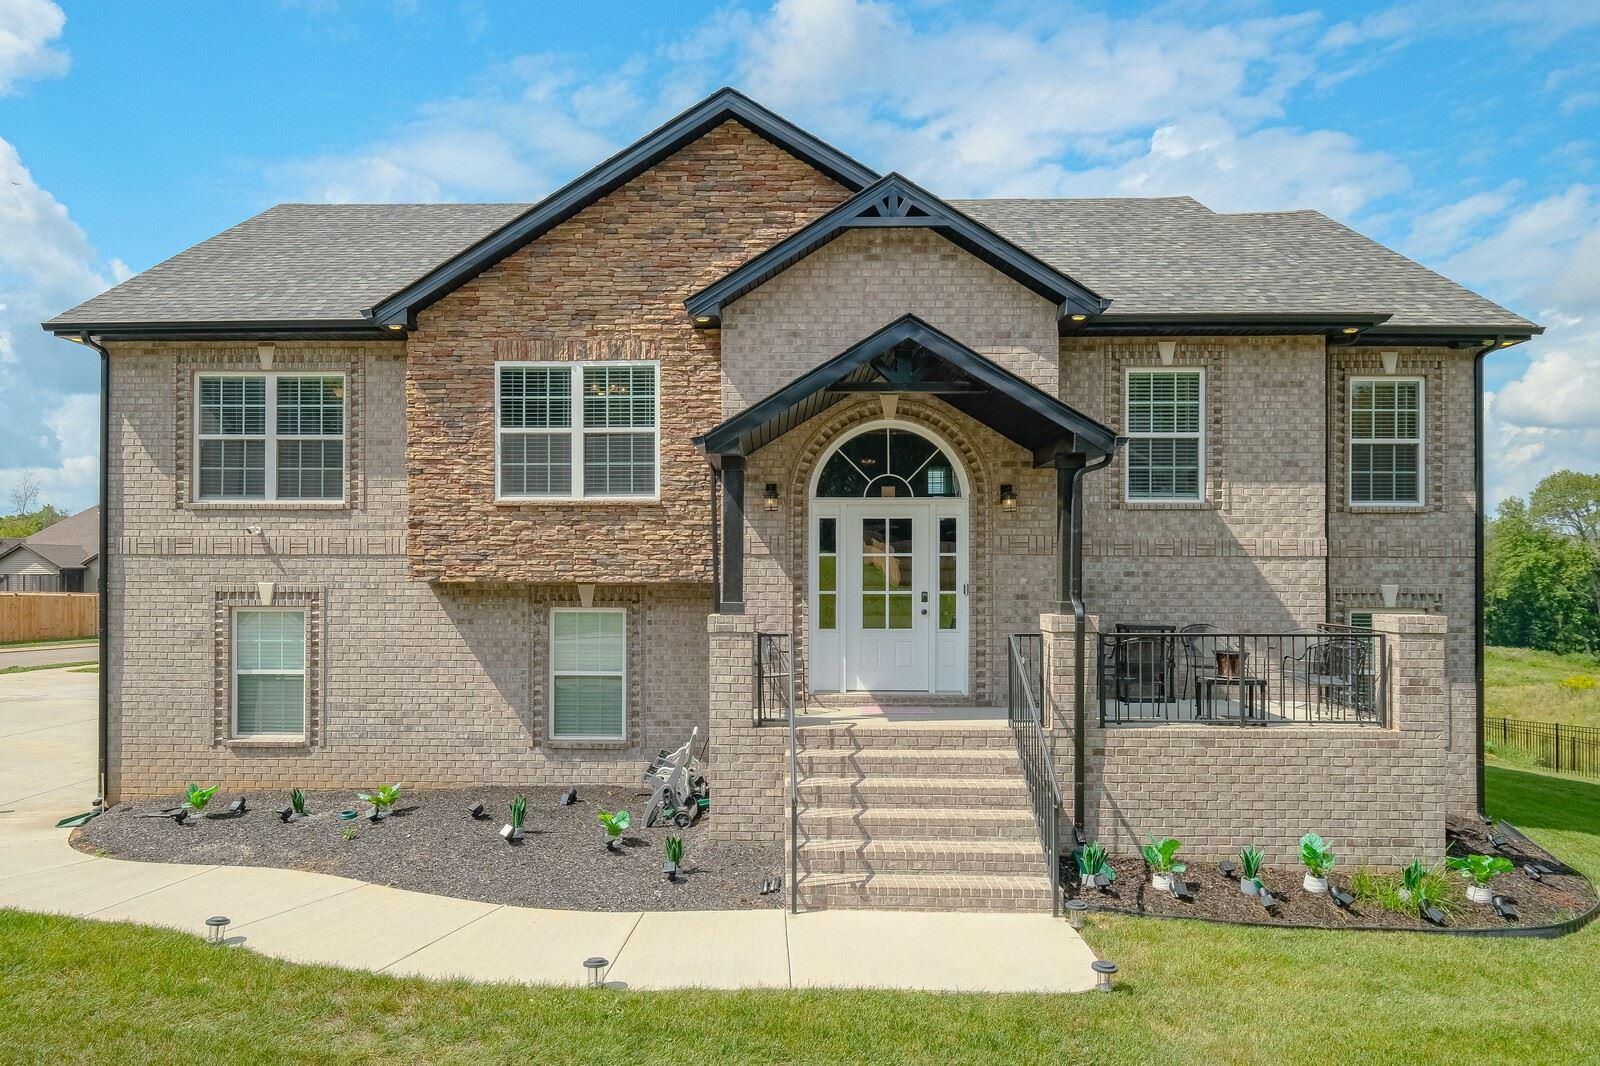 529 Cresthaven Ln, Clarksville, TN 37043 - MLS#: 2293497